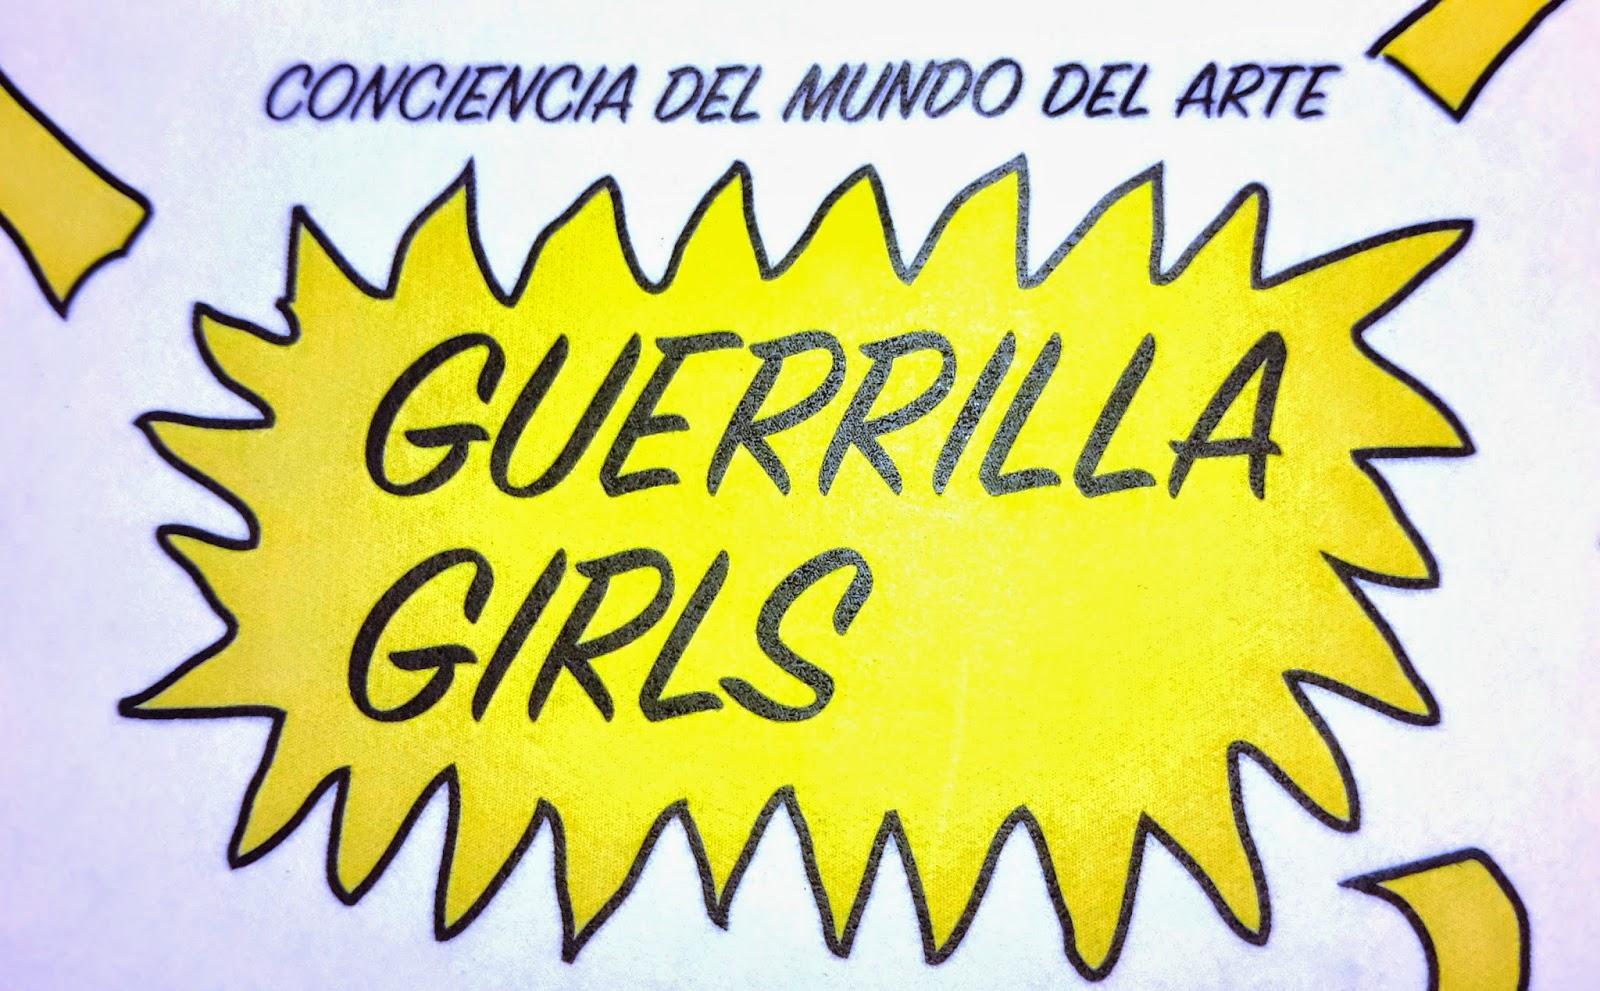 Guerrilla Girls, El Matadero, Exposiciones, temporales, Madrid, Feminismo, Performance, Arte contemporáneo, Grupo feminista, Coleccionistas, Mujeres, Artistas, Xabier Arakistain, Mujeres en las artes visuales, MAV,